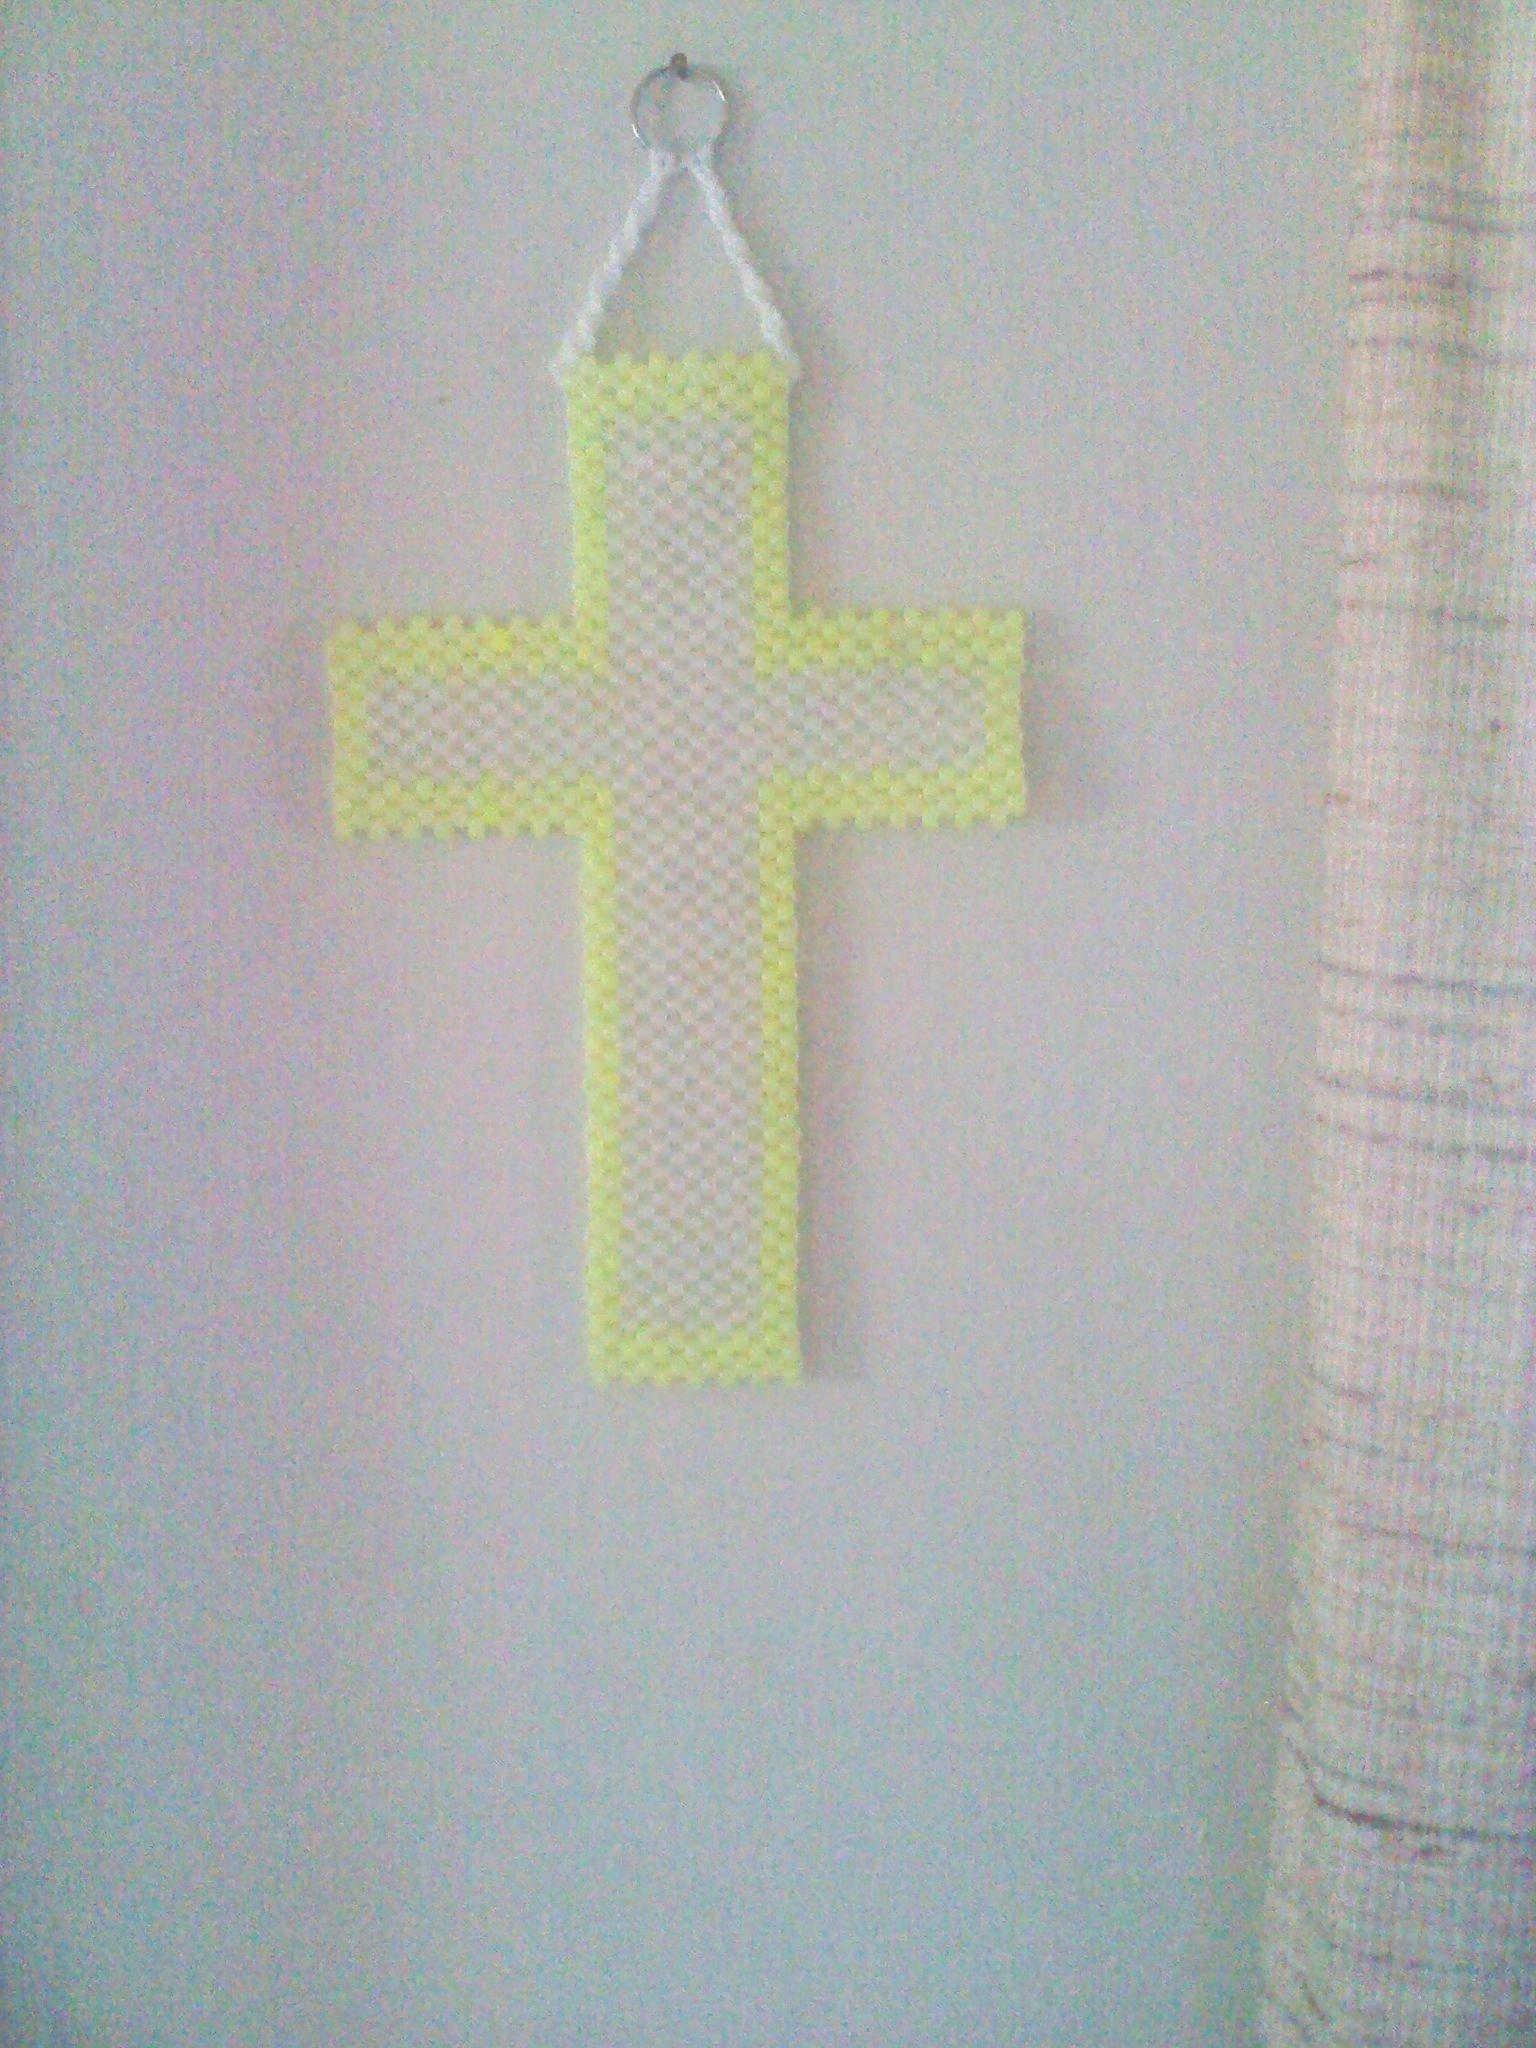 glow-in-the-dark cross